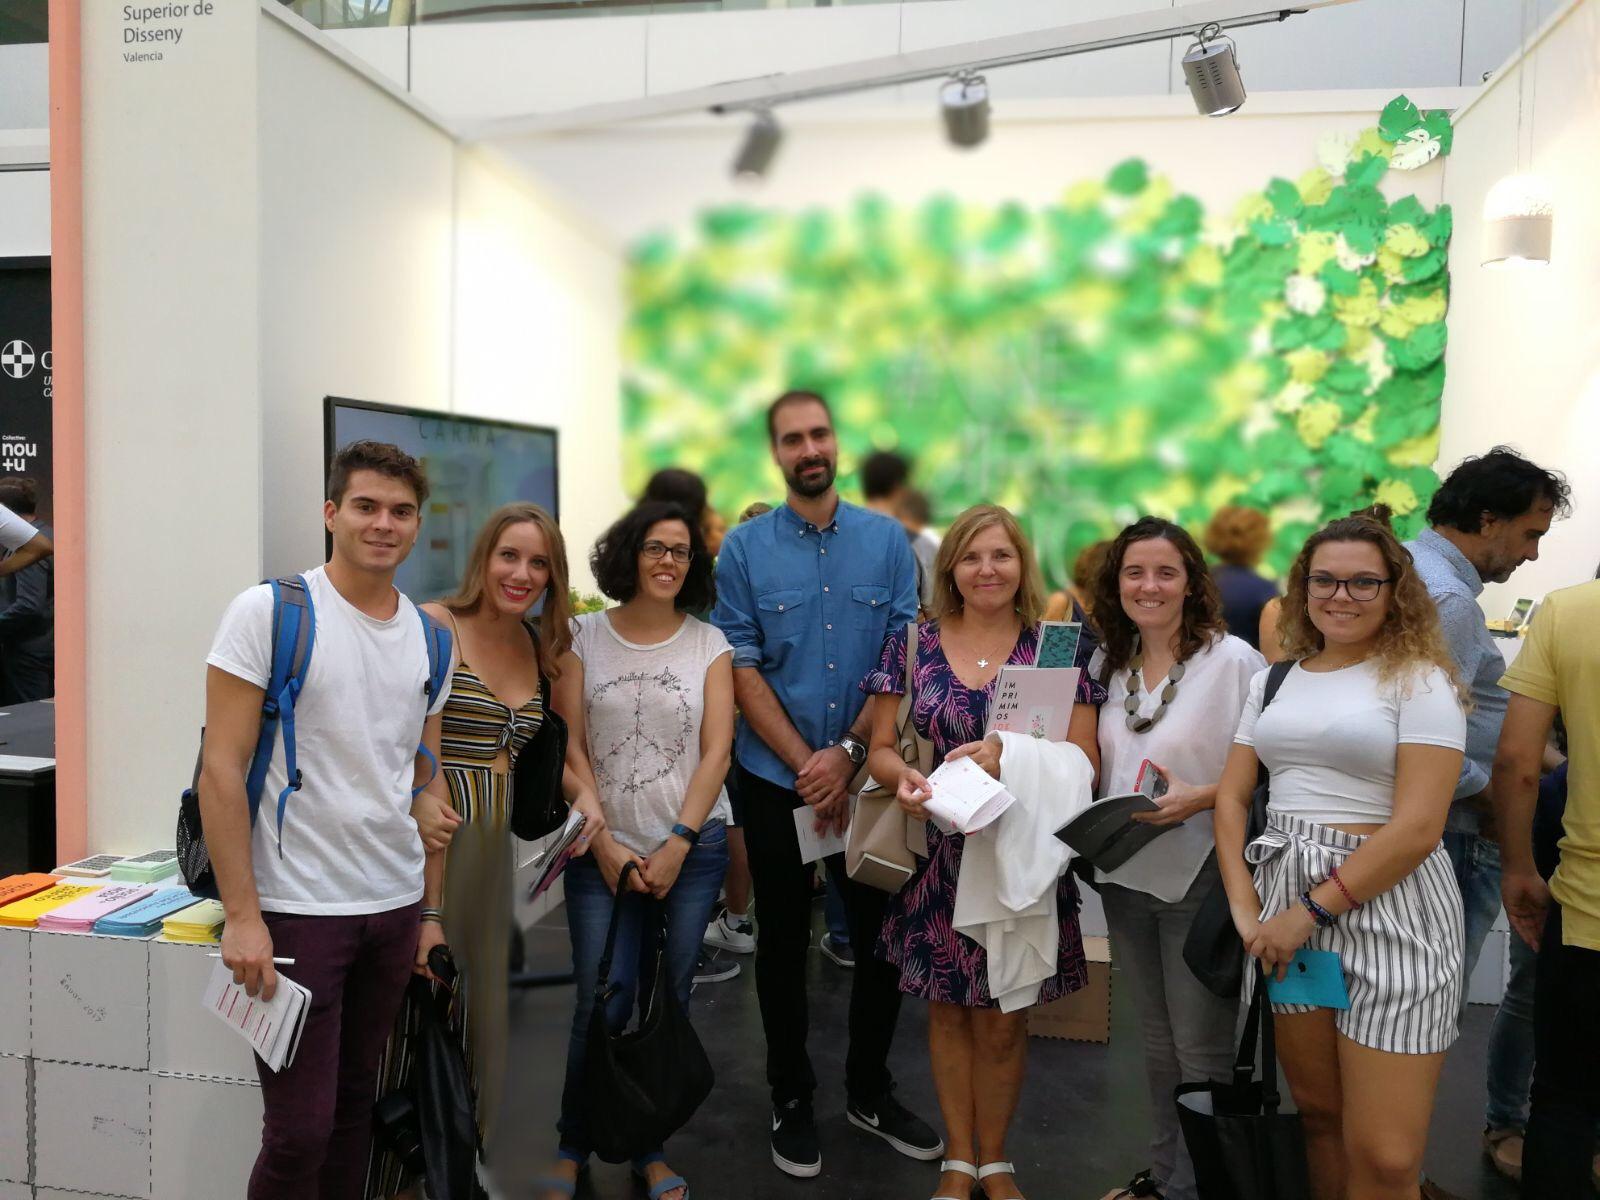 Easd Alumnos De Interiores Visitan H Bitat 2017  ~ Escuela Superior De Diseño De Valencia